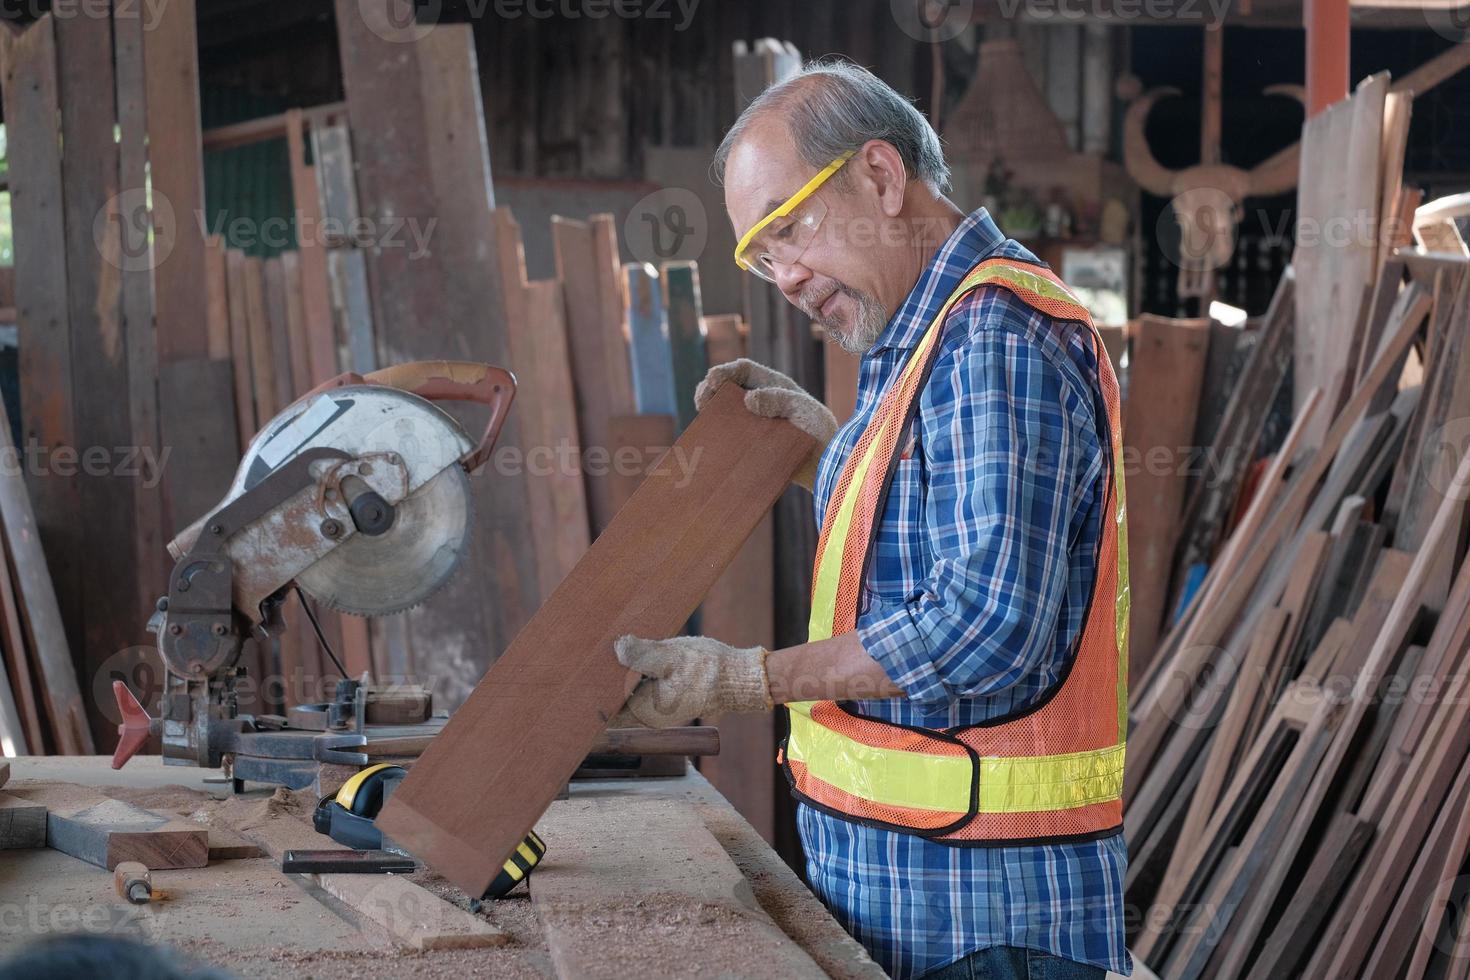 falegname asiatico senior che taglia legname in fabbrica. foto